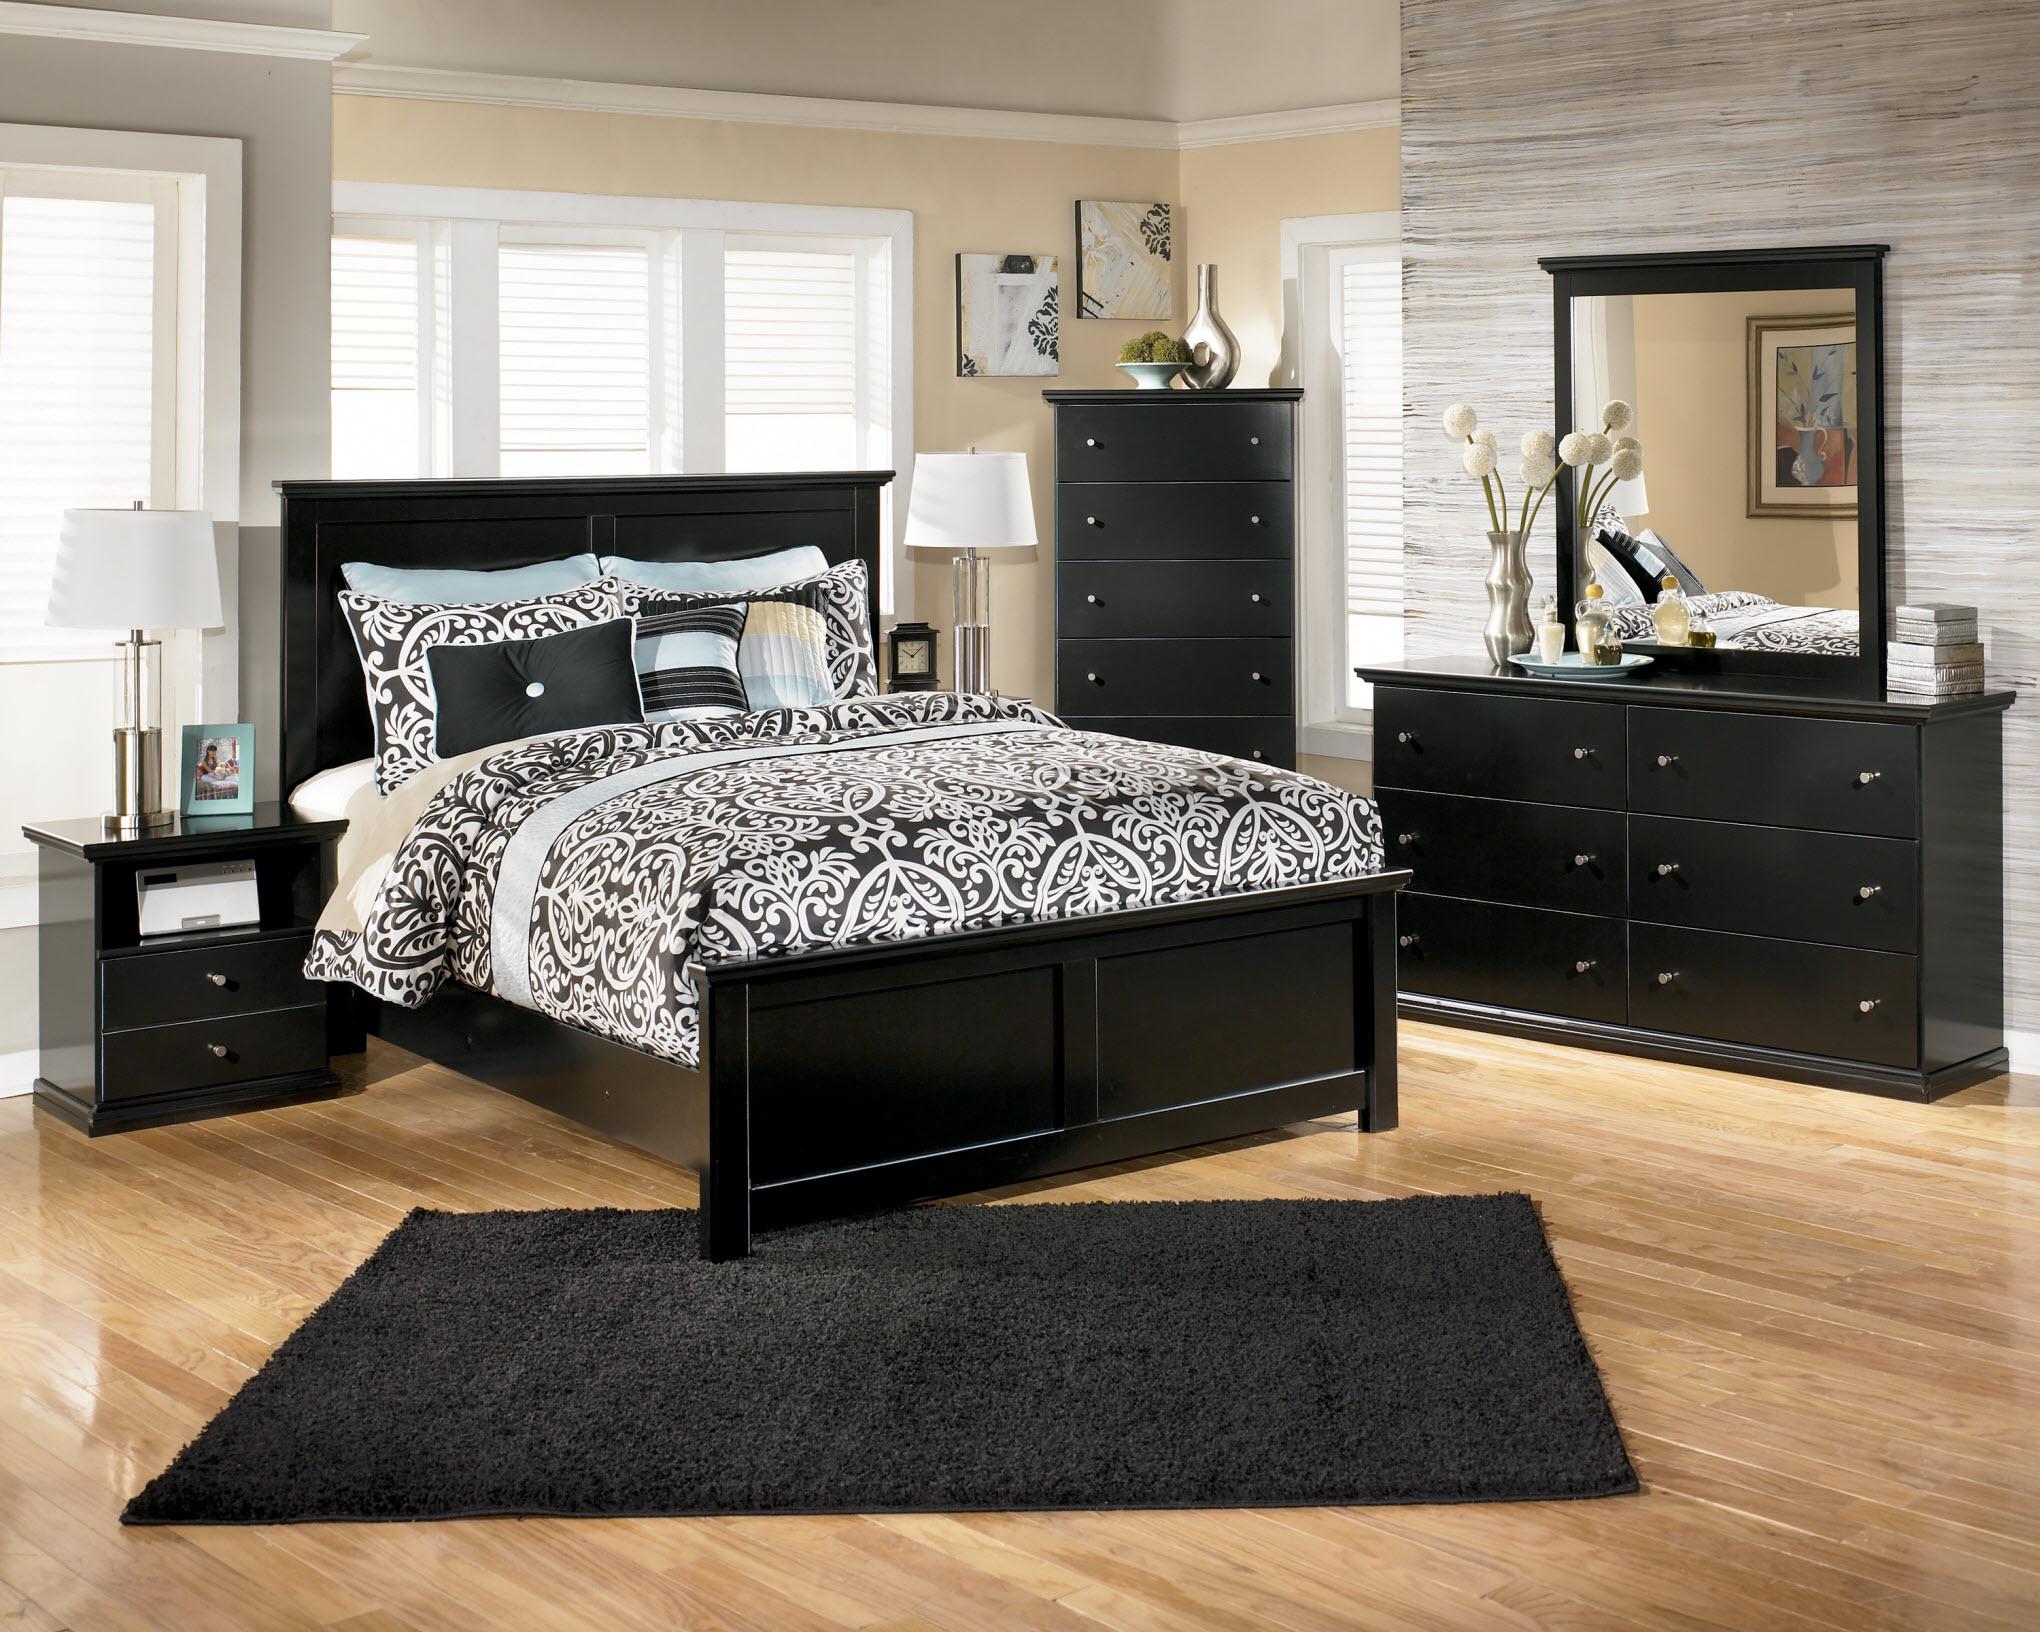 bedroom furniture sets black photo - 4